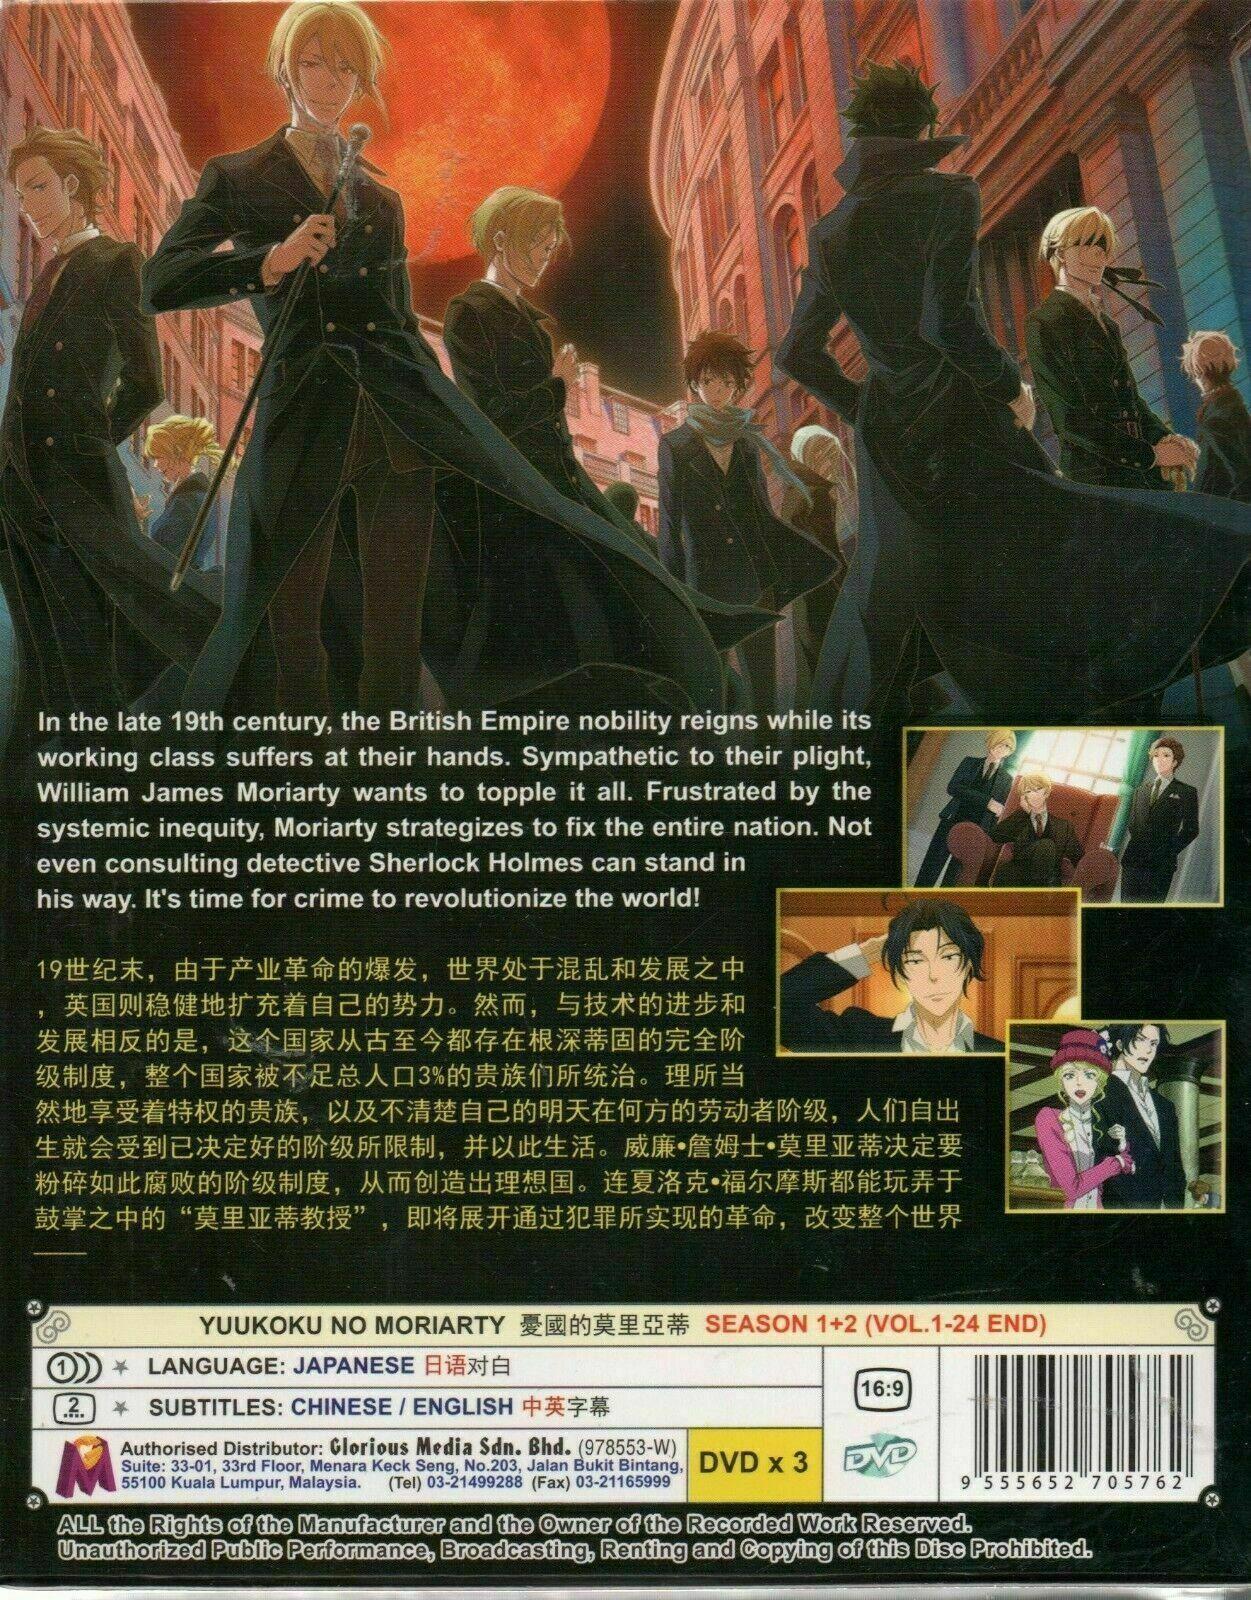 Yuukoku No Moriarty Season 1+2 Vol.1-24 End English Subtitle Ship From USA